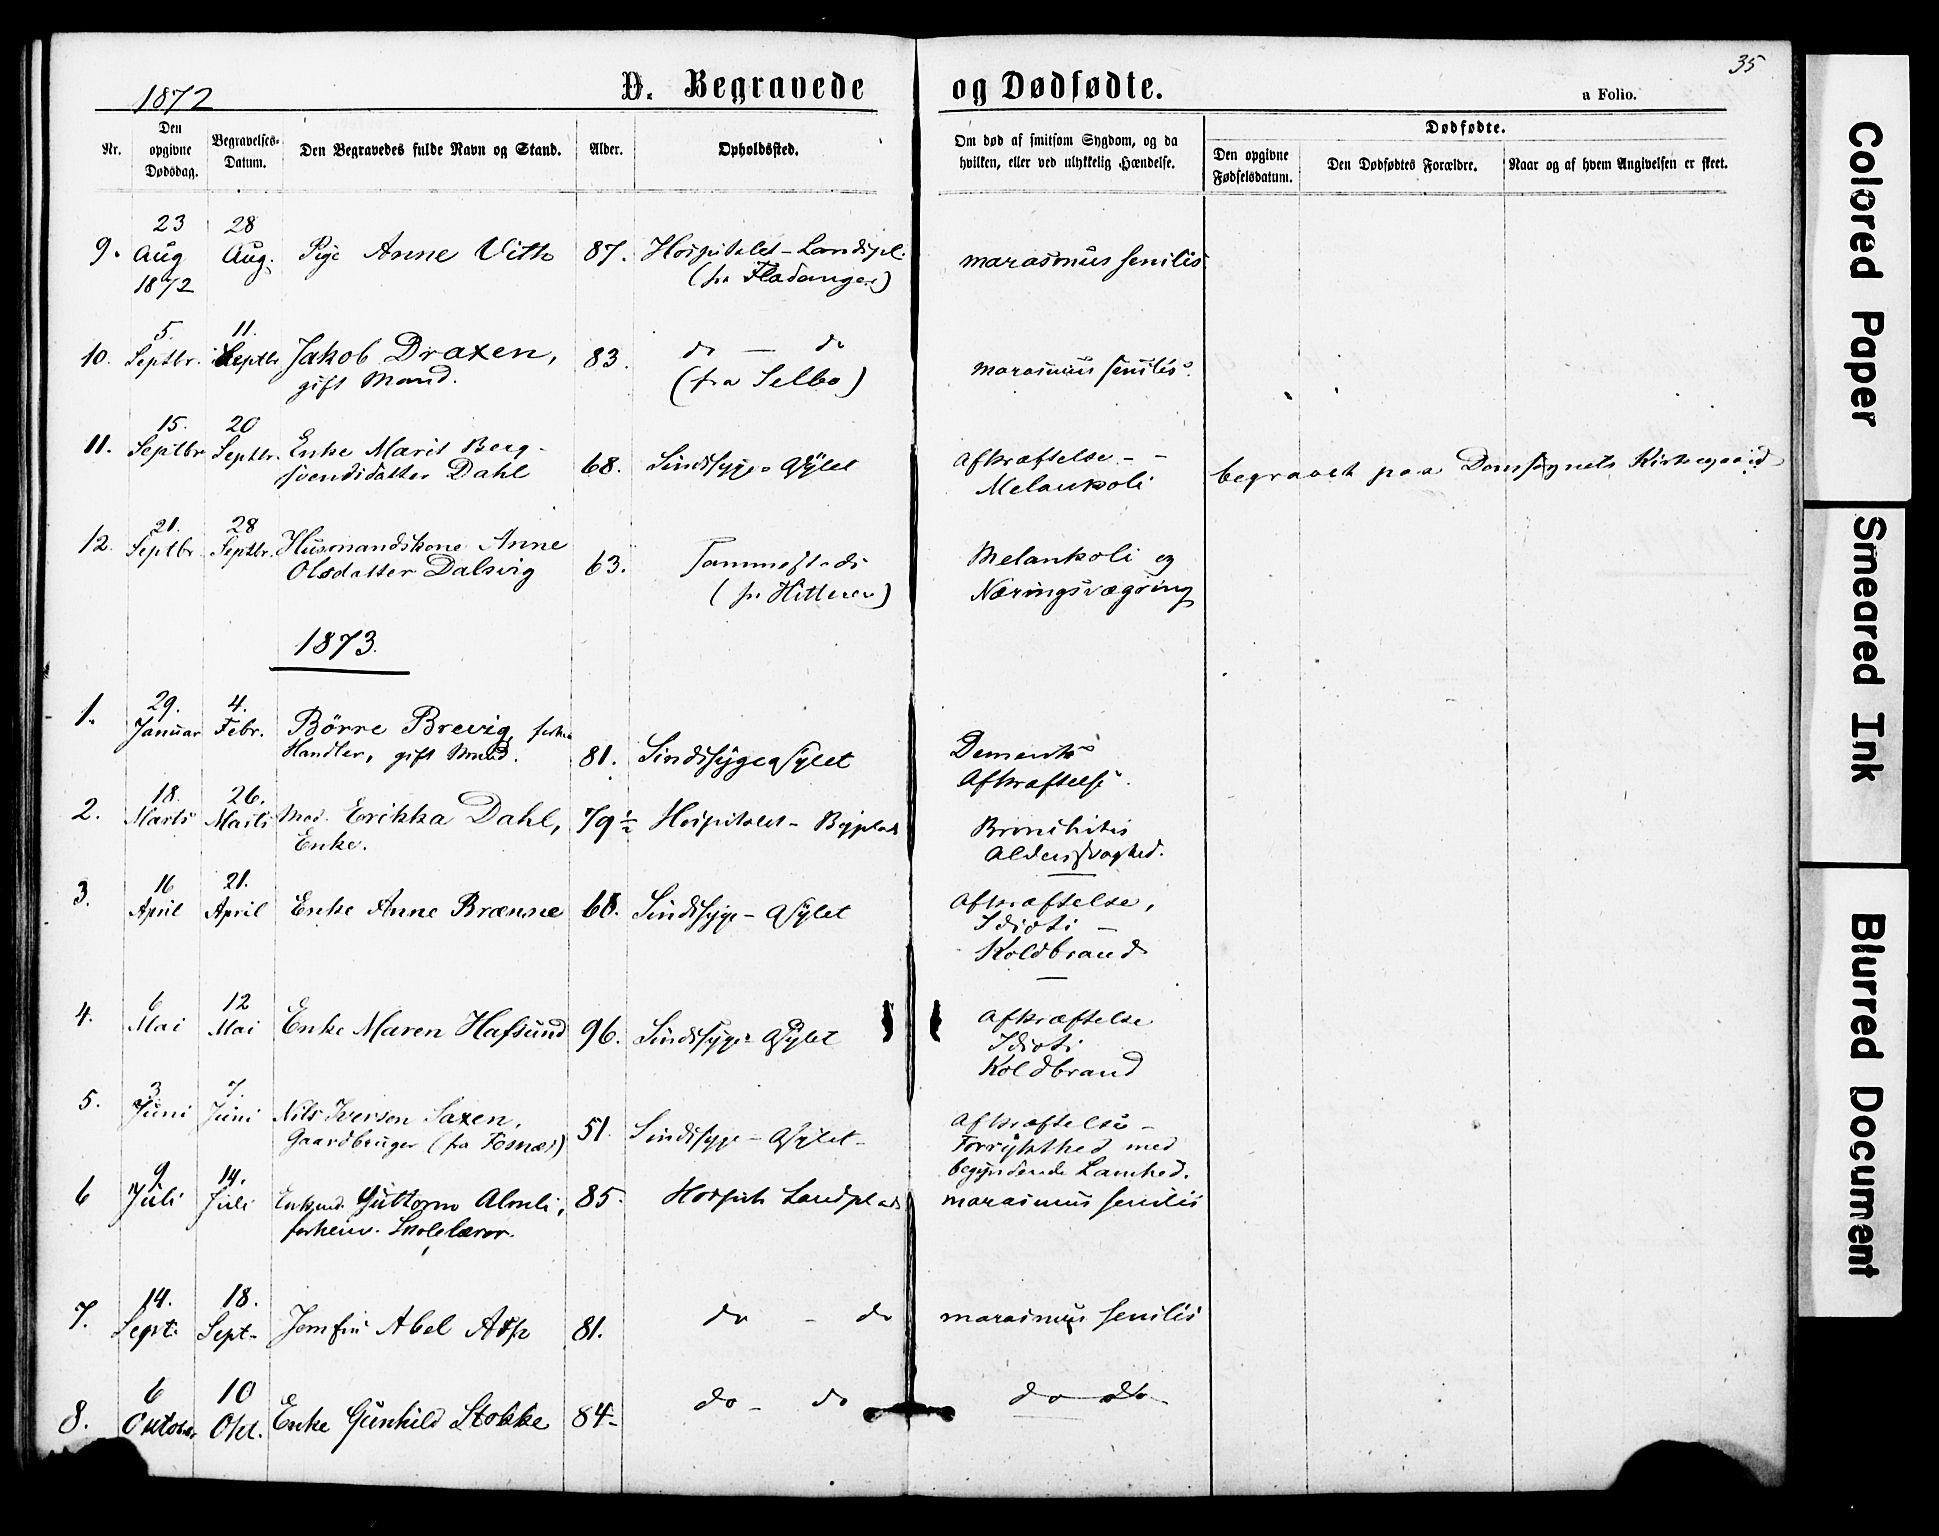 SAT, Ministerialprotokoller, klokkerbøker og fødselsregistre - Sør-Trøndelag, 623/L0469: Ministerialbok nr. 623A03, 1868-1883, s. 35